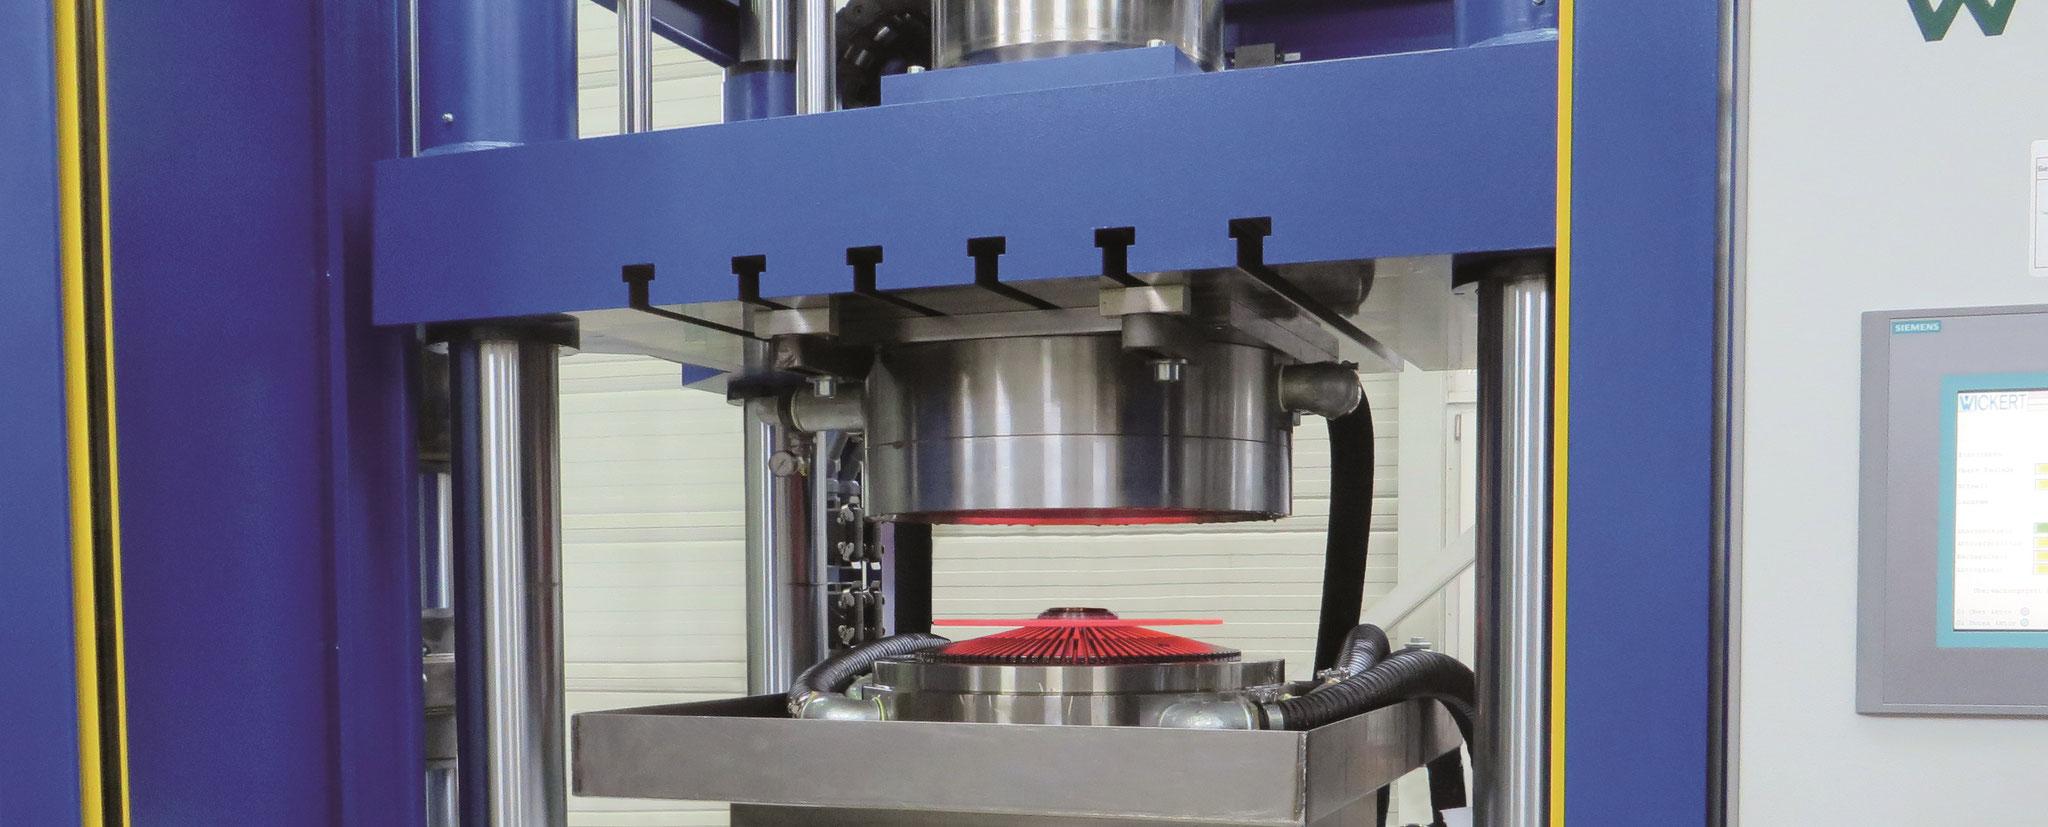 Härtepresse mit Werkzeug